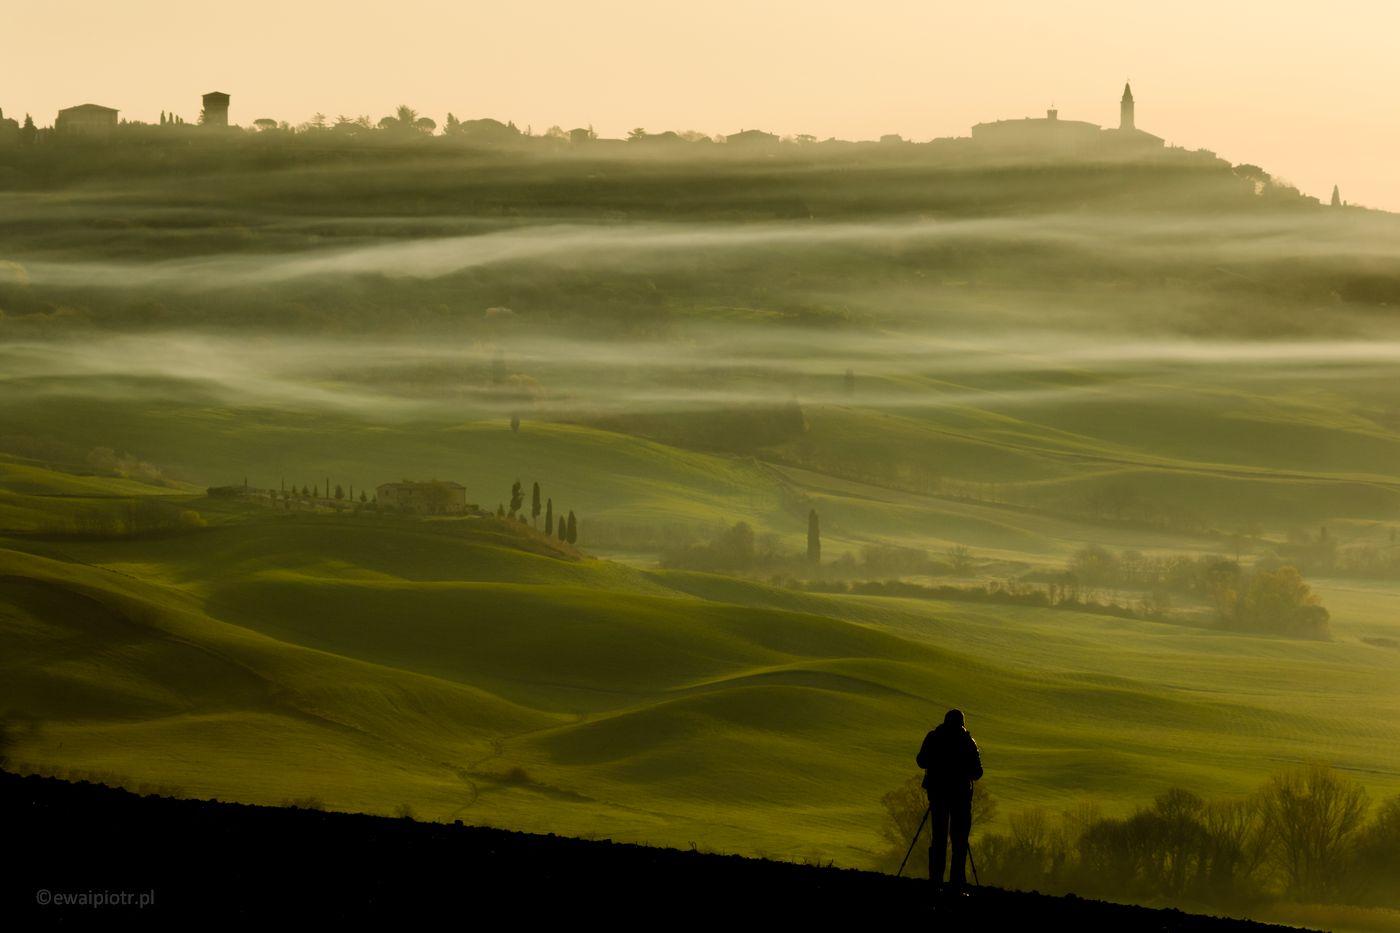 Fotowyprawa do Toskanii, Fotezja, wyjazdy fotograficzne, warsztaty fotograficzne